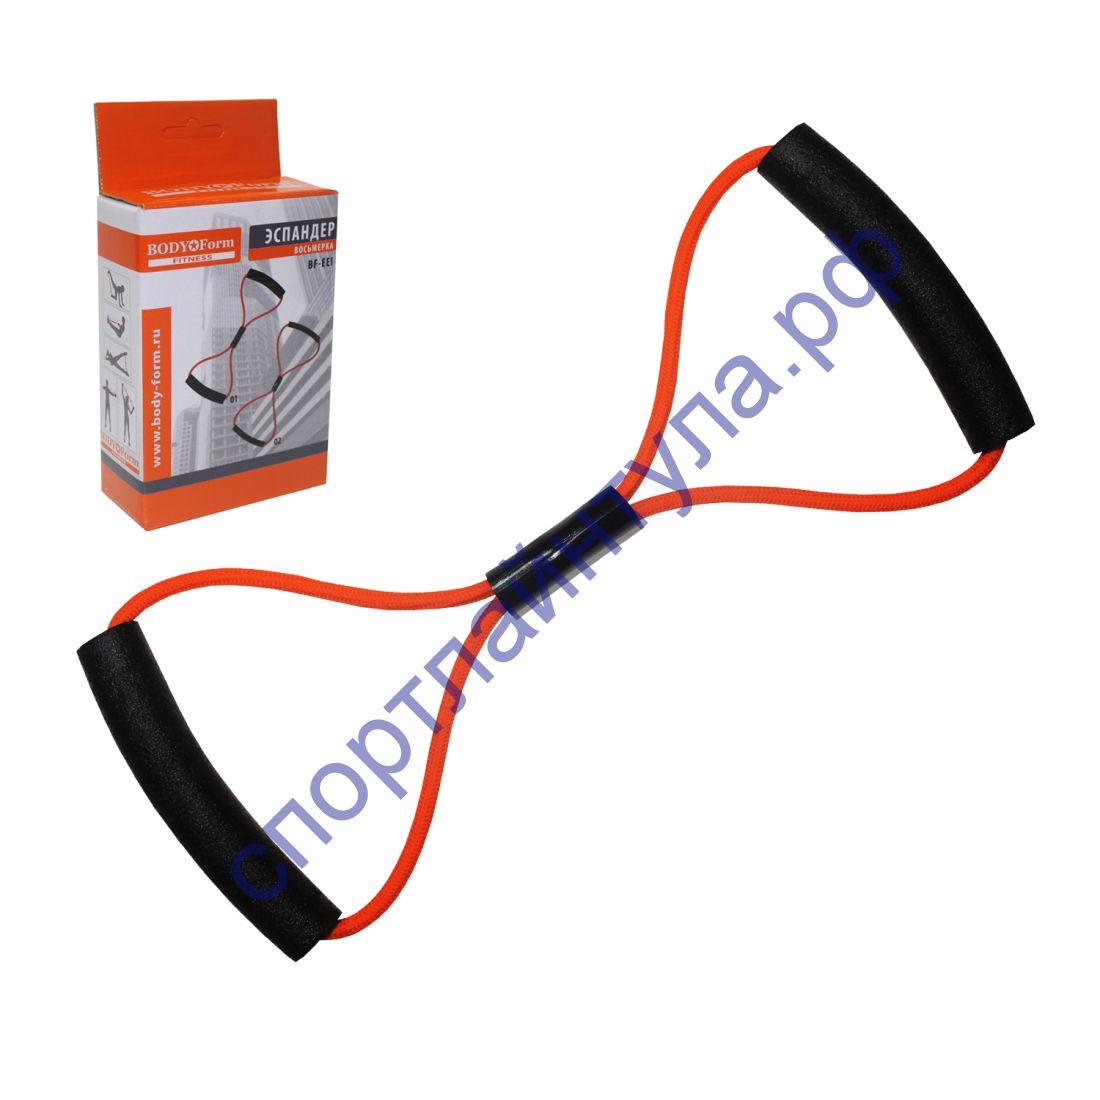 Эспандер восьмерка BF-EEI 01 (с мягкой ручкой) 150-160 см / 5 кг